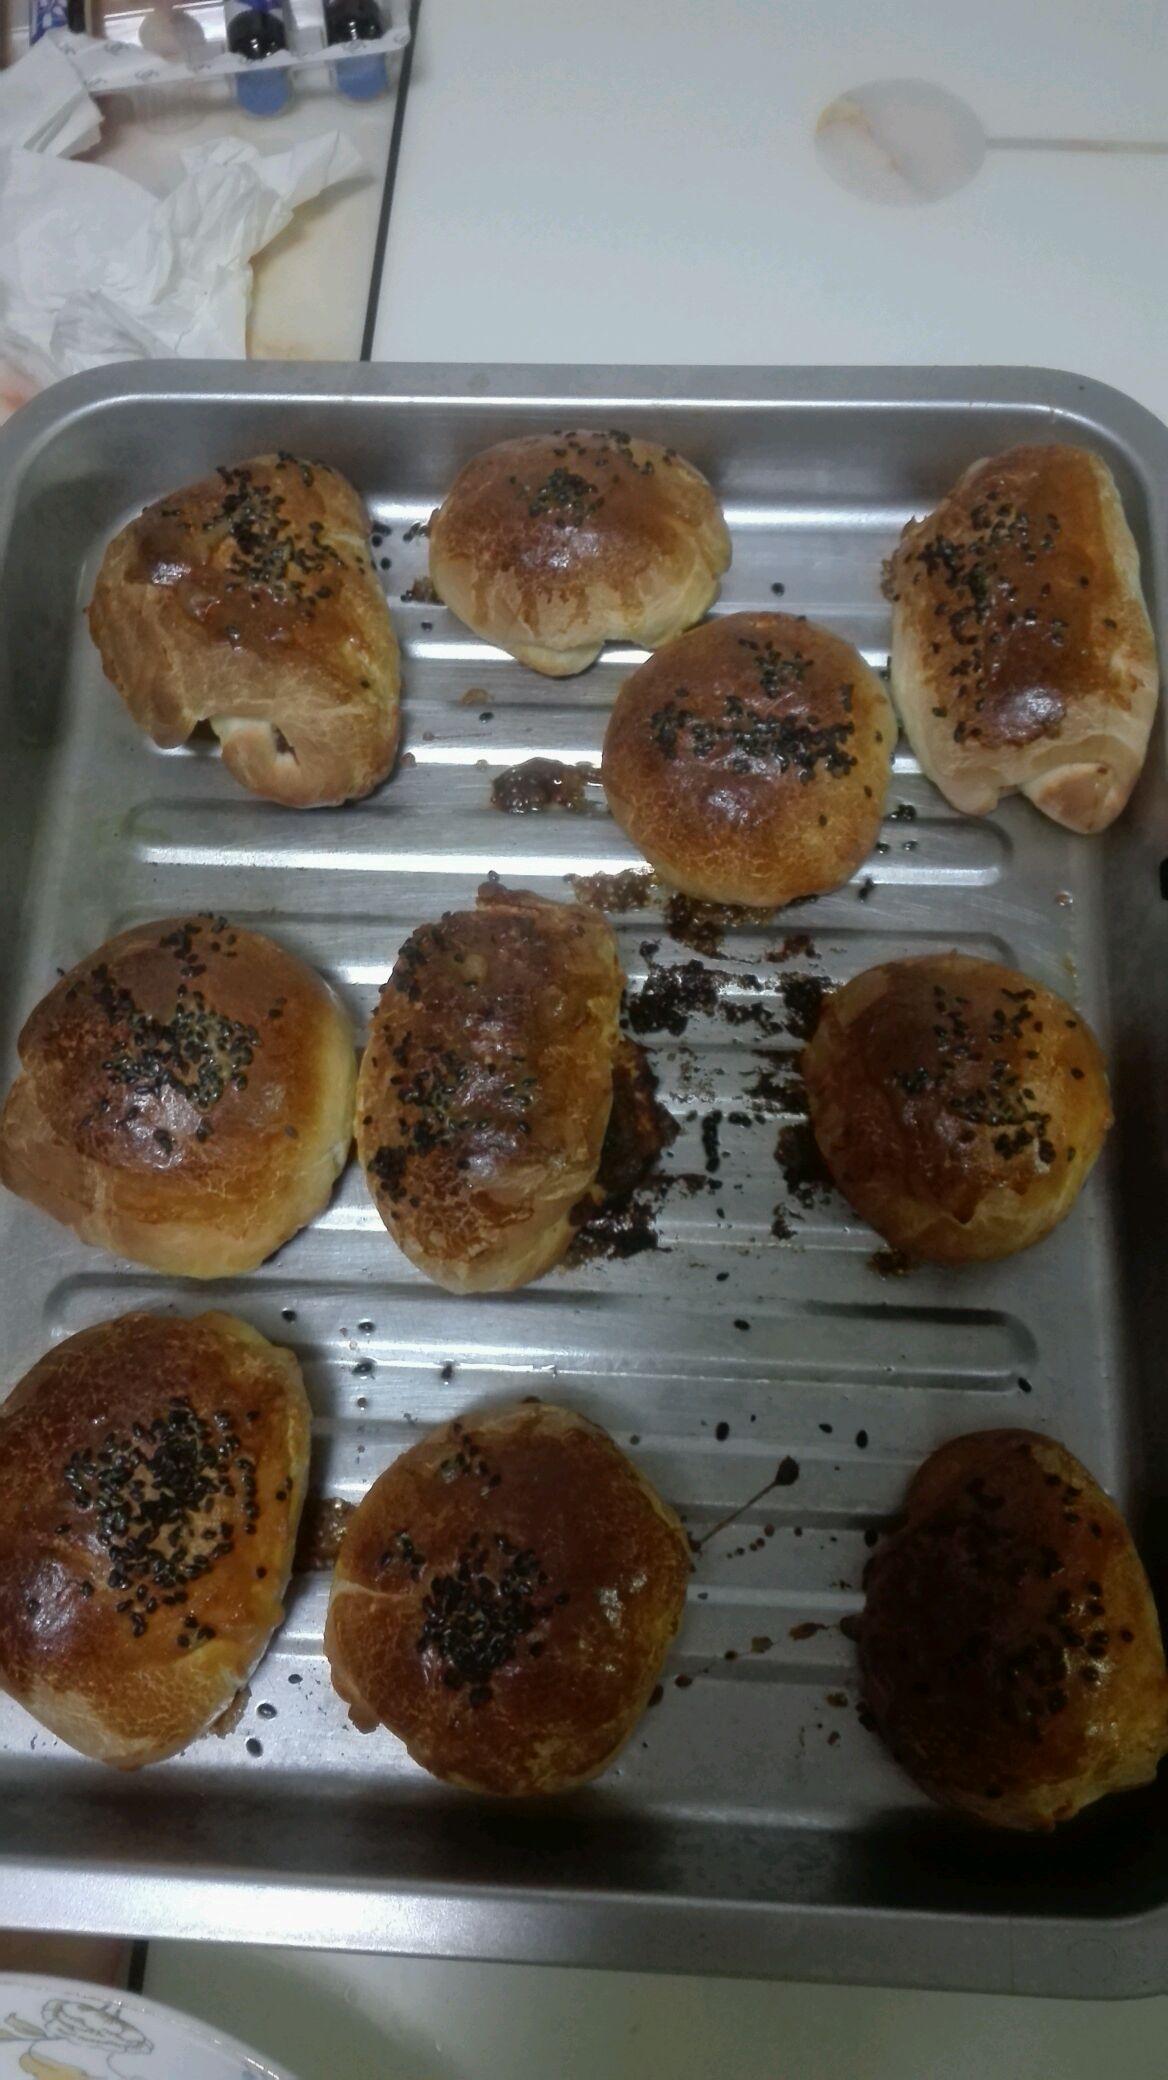 盐1小勺 糖2小勺 黄油1勺 鸡蛋1个 烤箱烤面包的做法步骤 小贴士 揉面